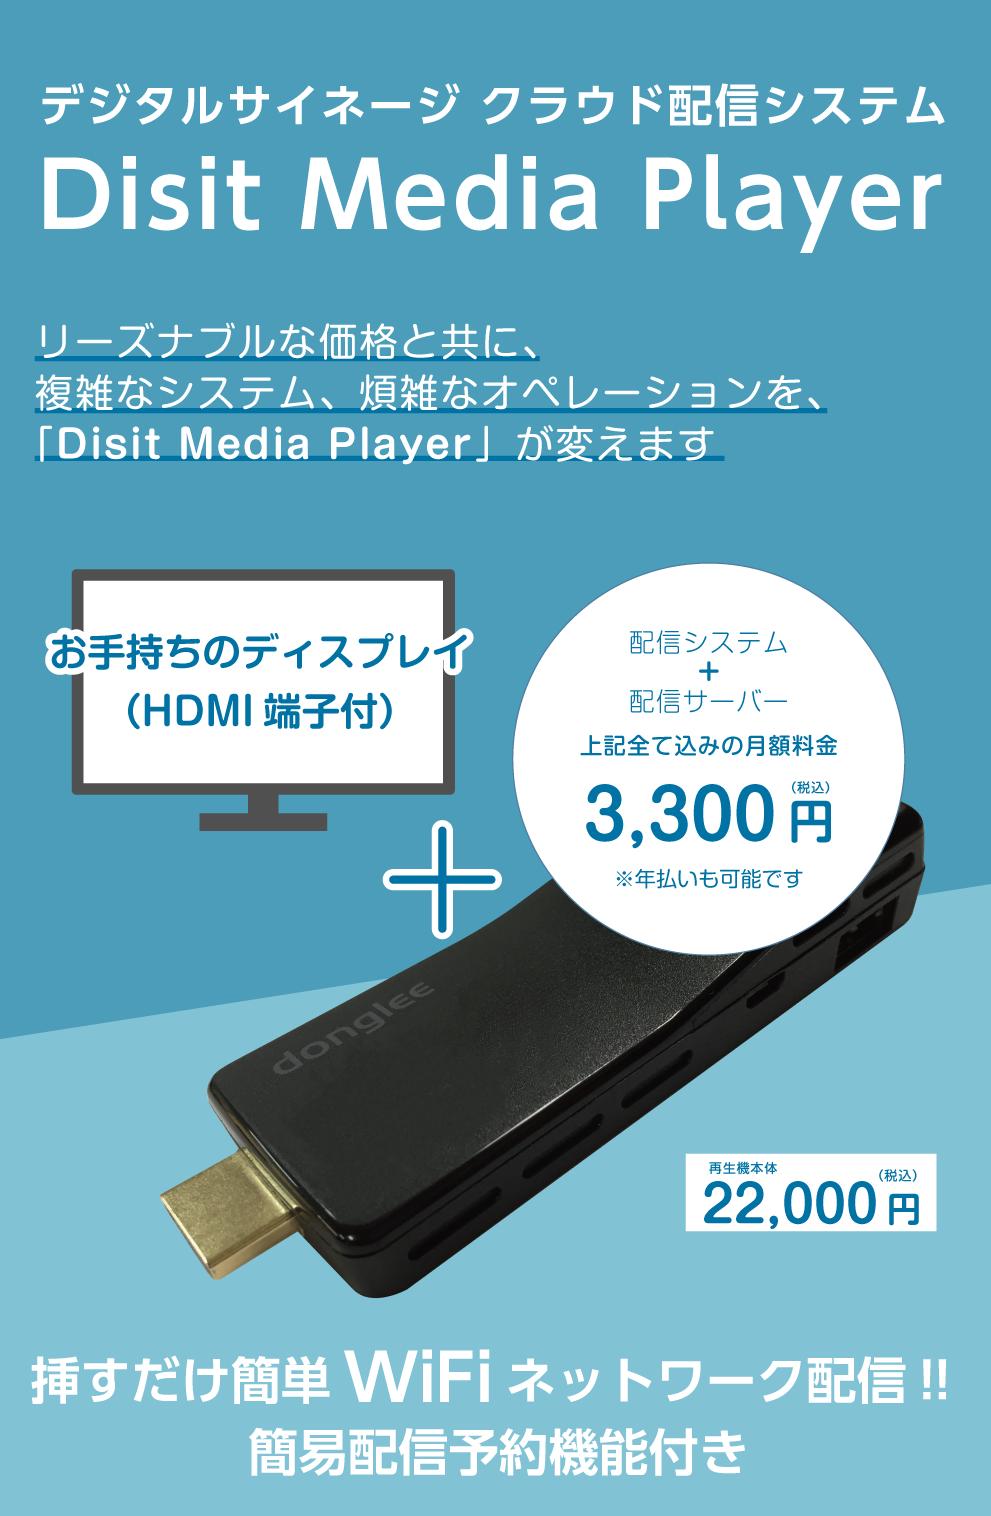 デジタルサイネージ クラウド配信システム Disit Media Player